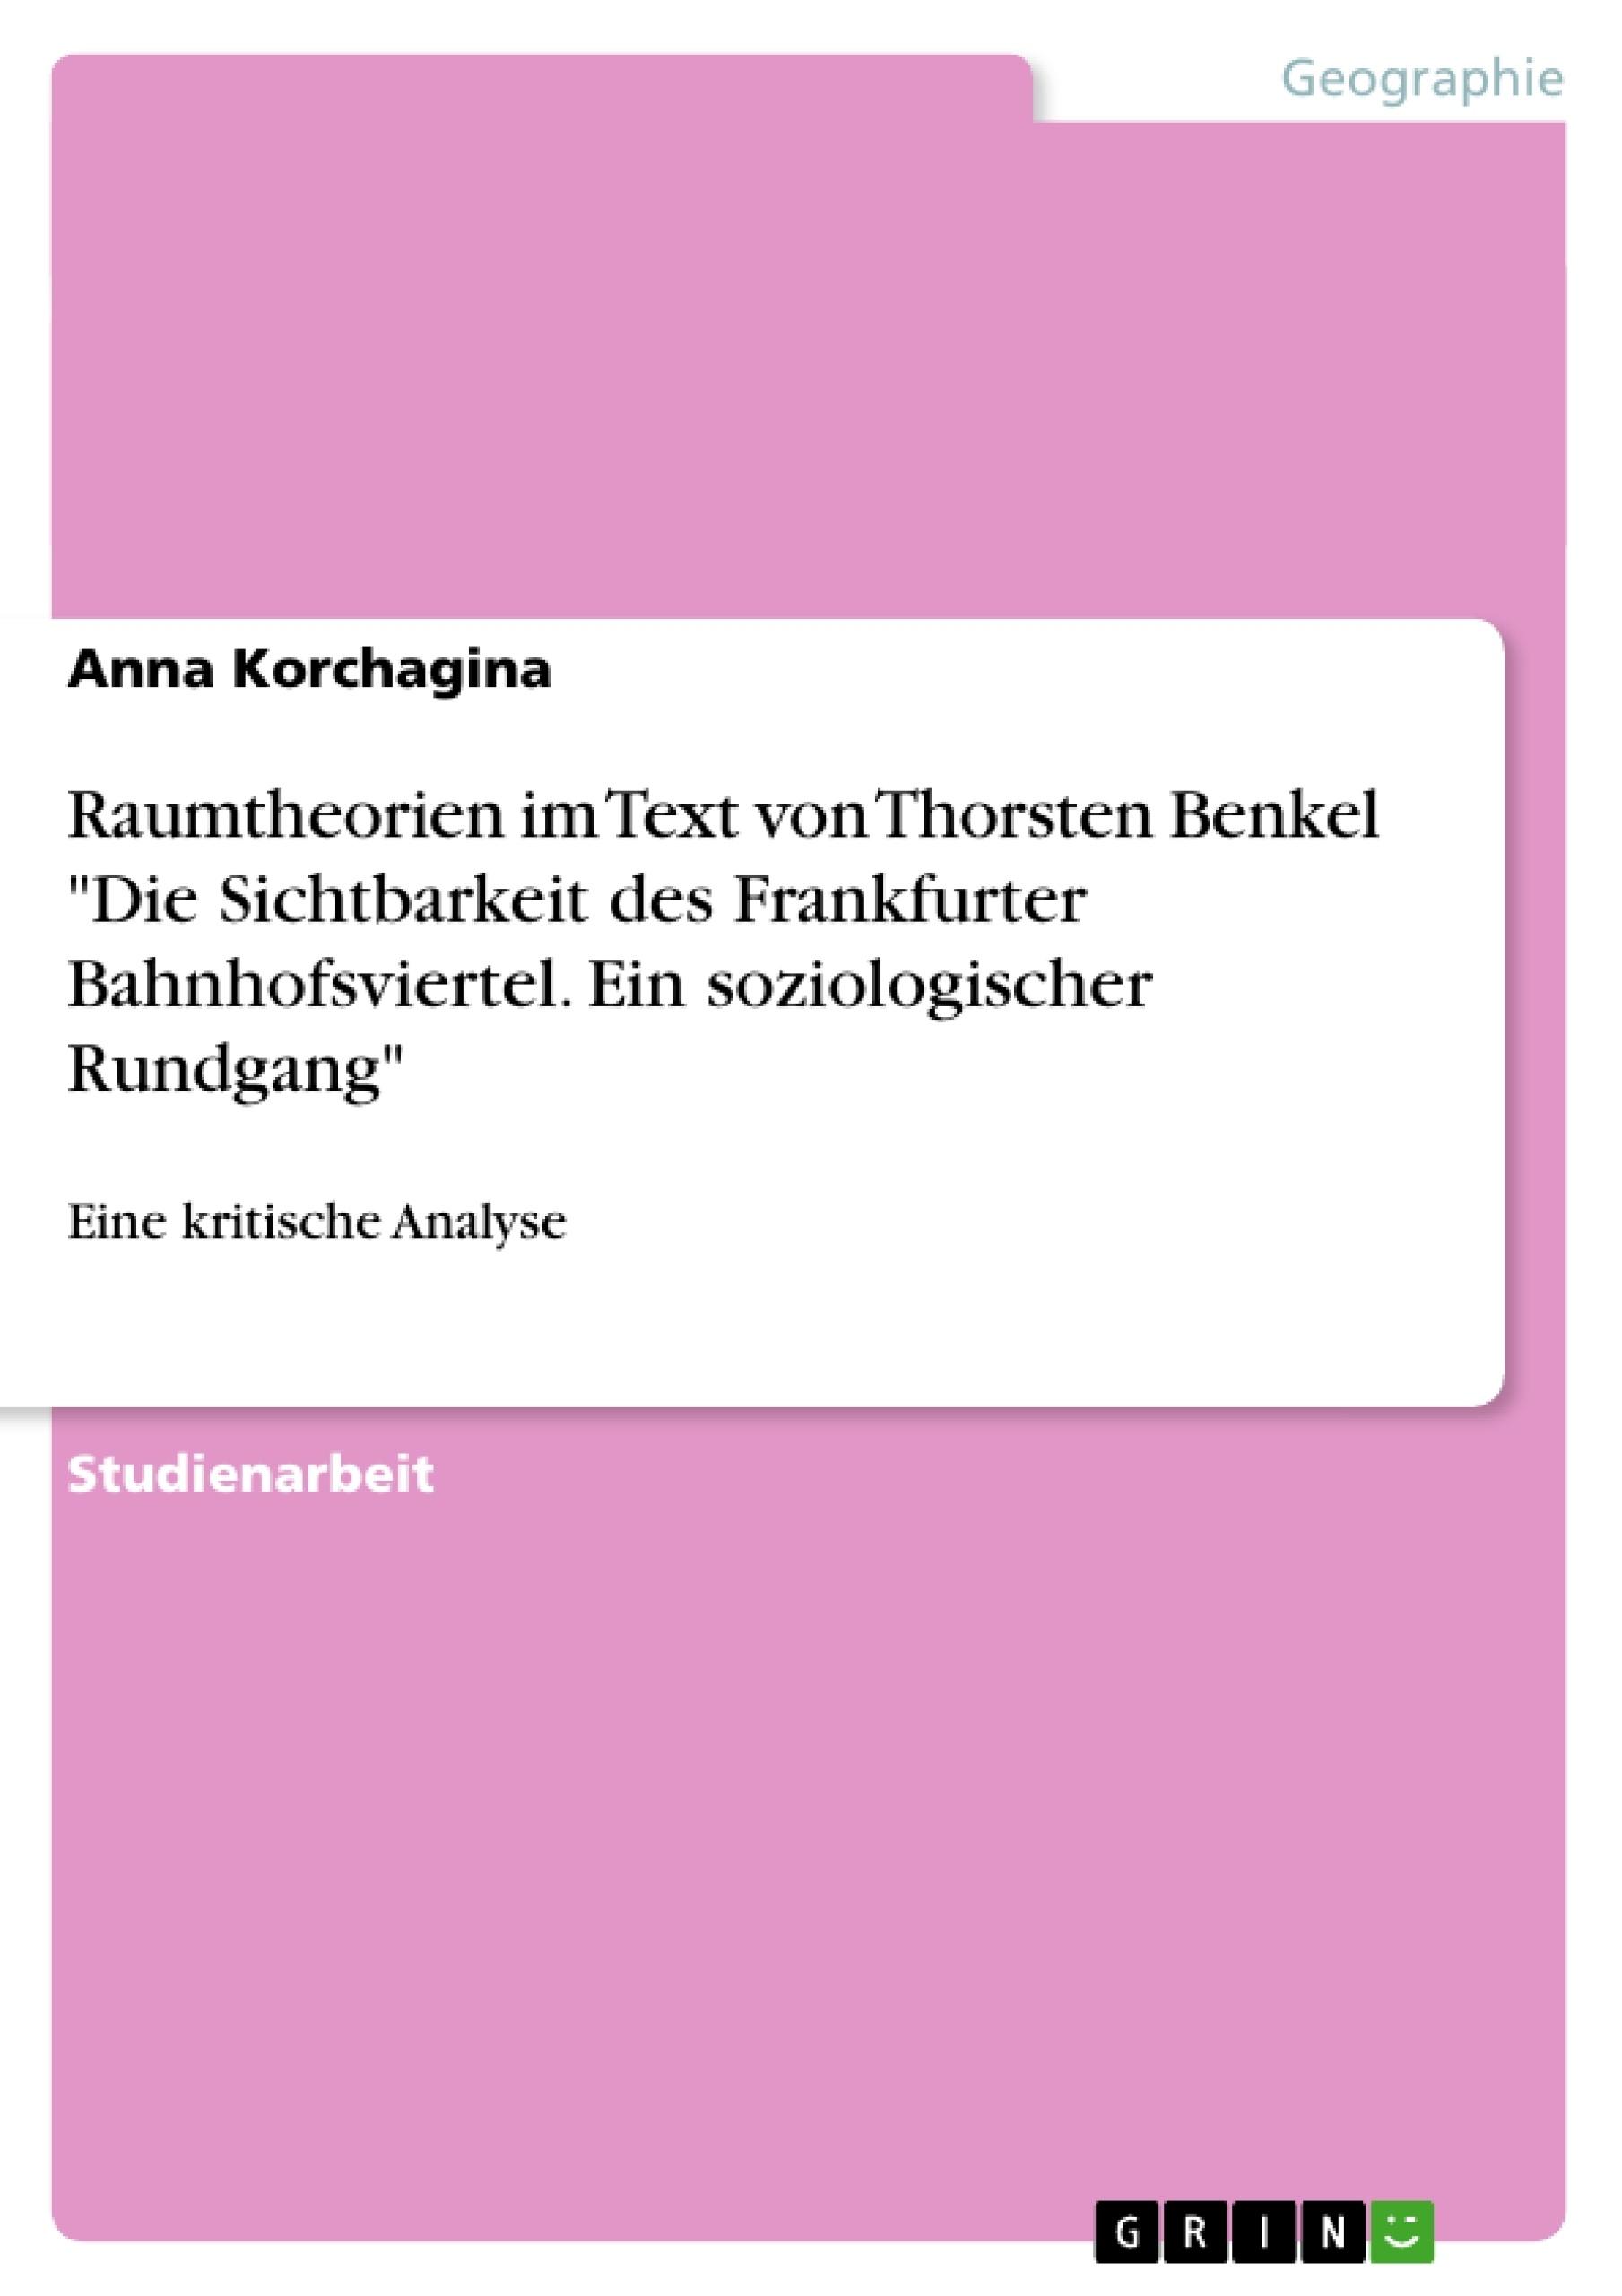 """Titel: Raumtheorien im Text von Thorsten Benkel """"Die Sichtbarkeit des Frankfurter Bahnhofsviertel. Ein soziologischer Rundgang"""""""